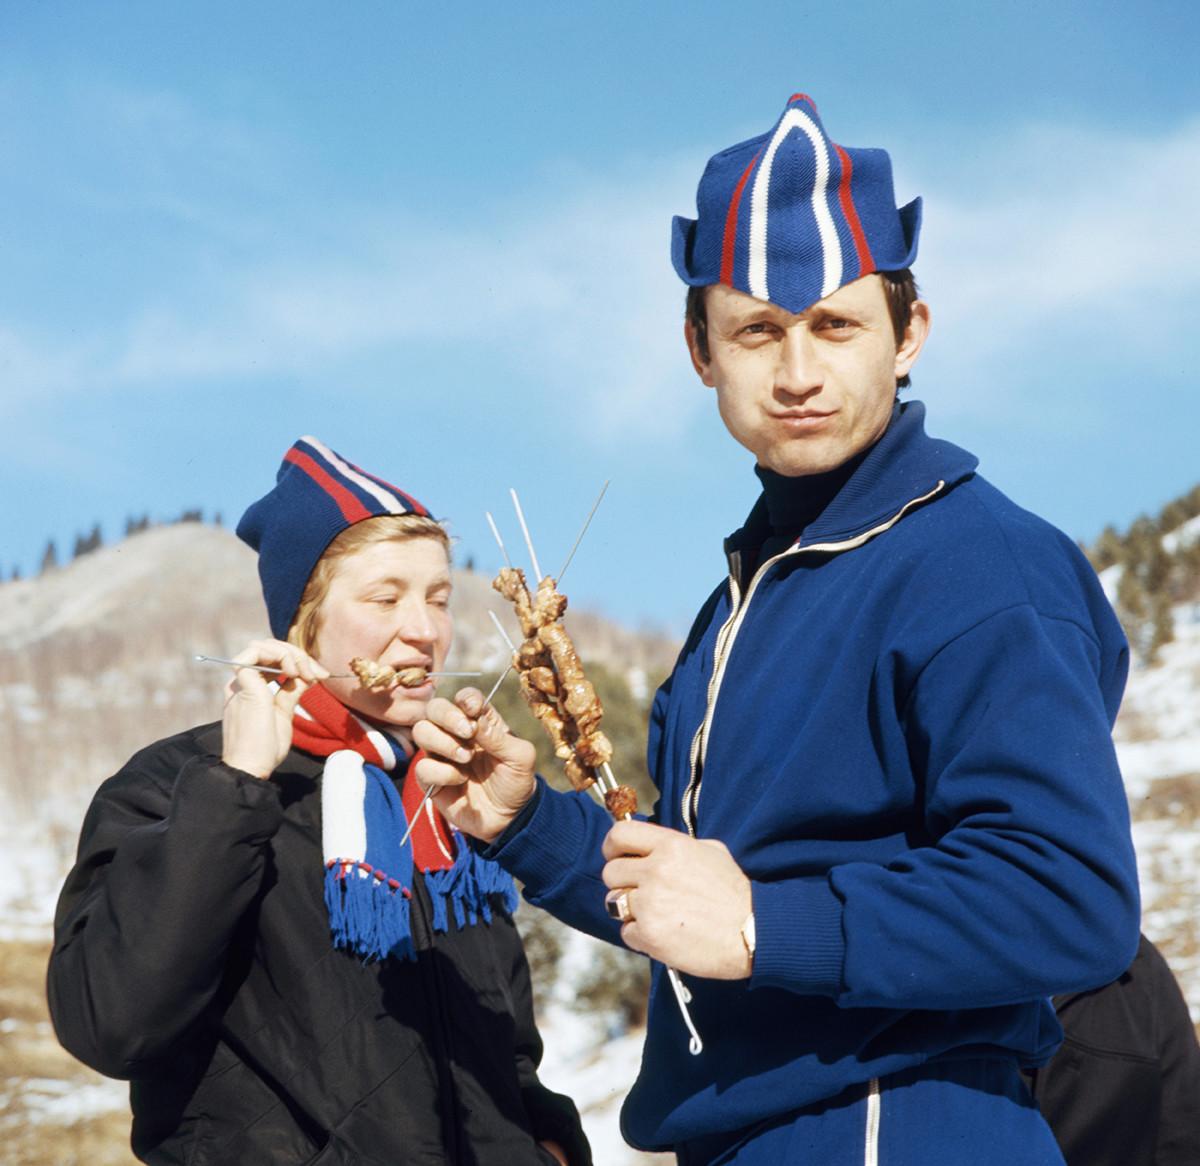 Alma-Ata, Kasachstan: Ludmilla Fechina und Waleri Kaplan vom nationalen Eisschnelllaufteam der UdSSR während einer Pause in Medeo, 1970.